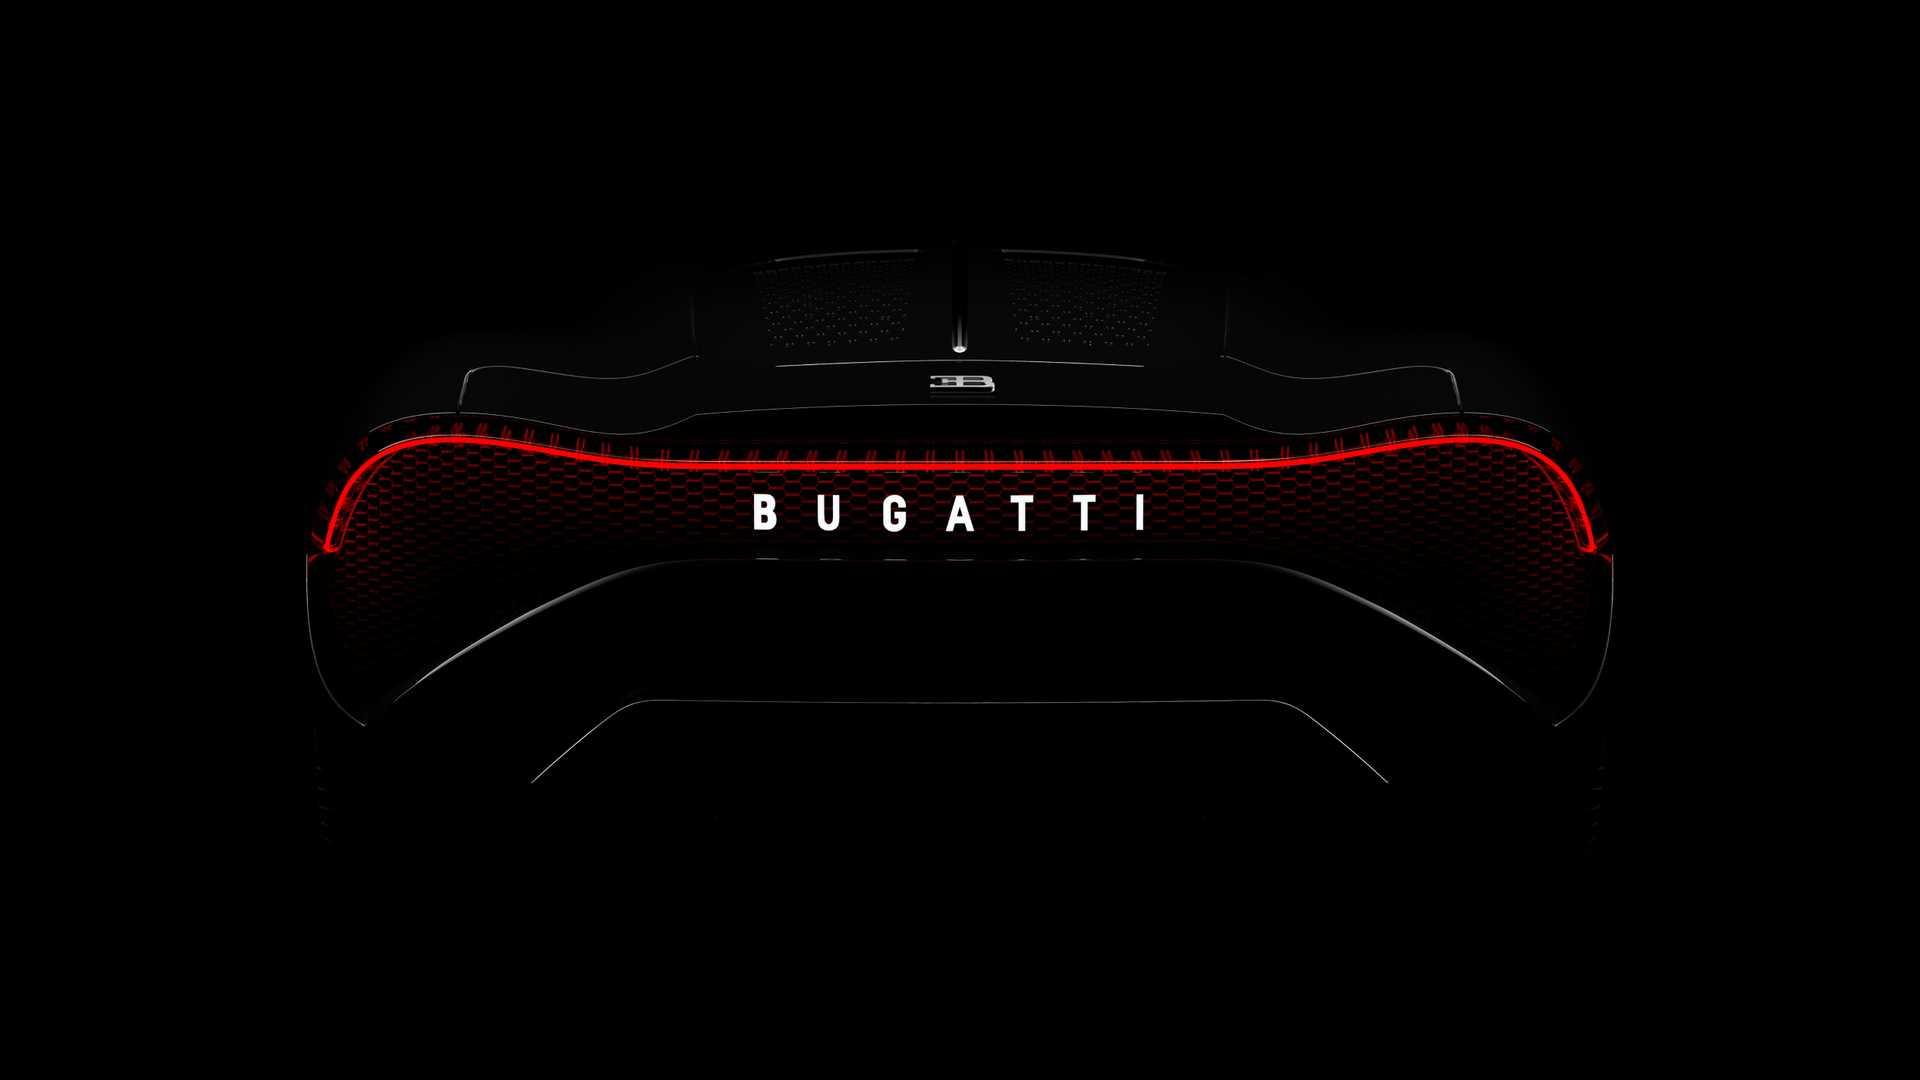 2019 Bugatti La Voiture Noire Tail Light Wallpapers (15)